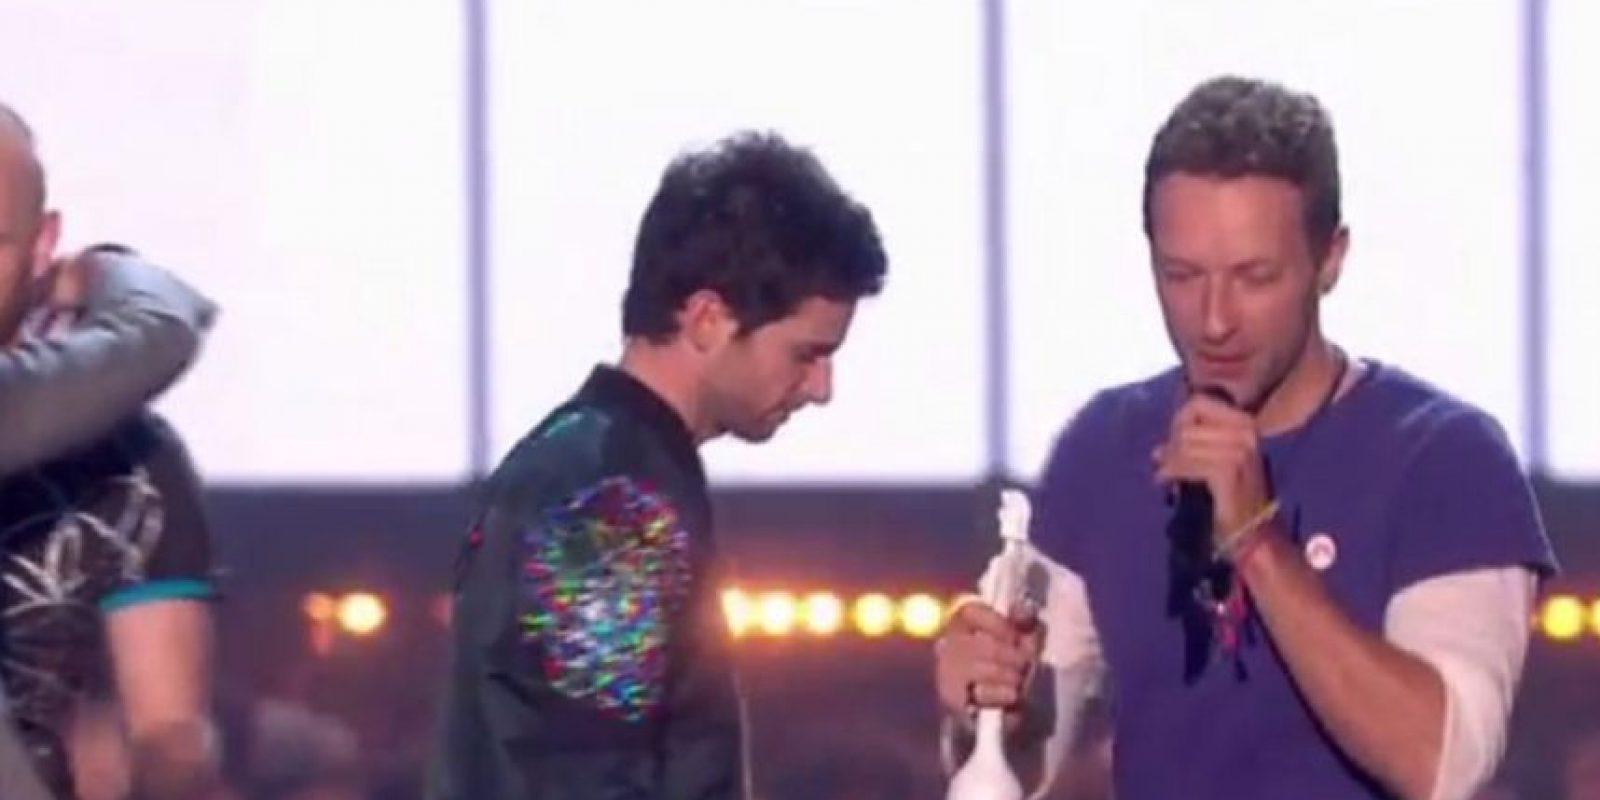 Banda británica del año: Coldplay Foto:Vía Twitter